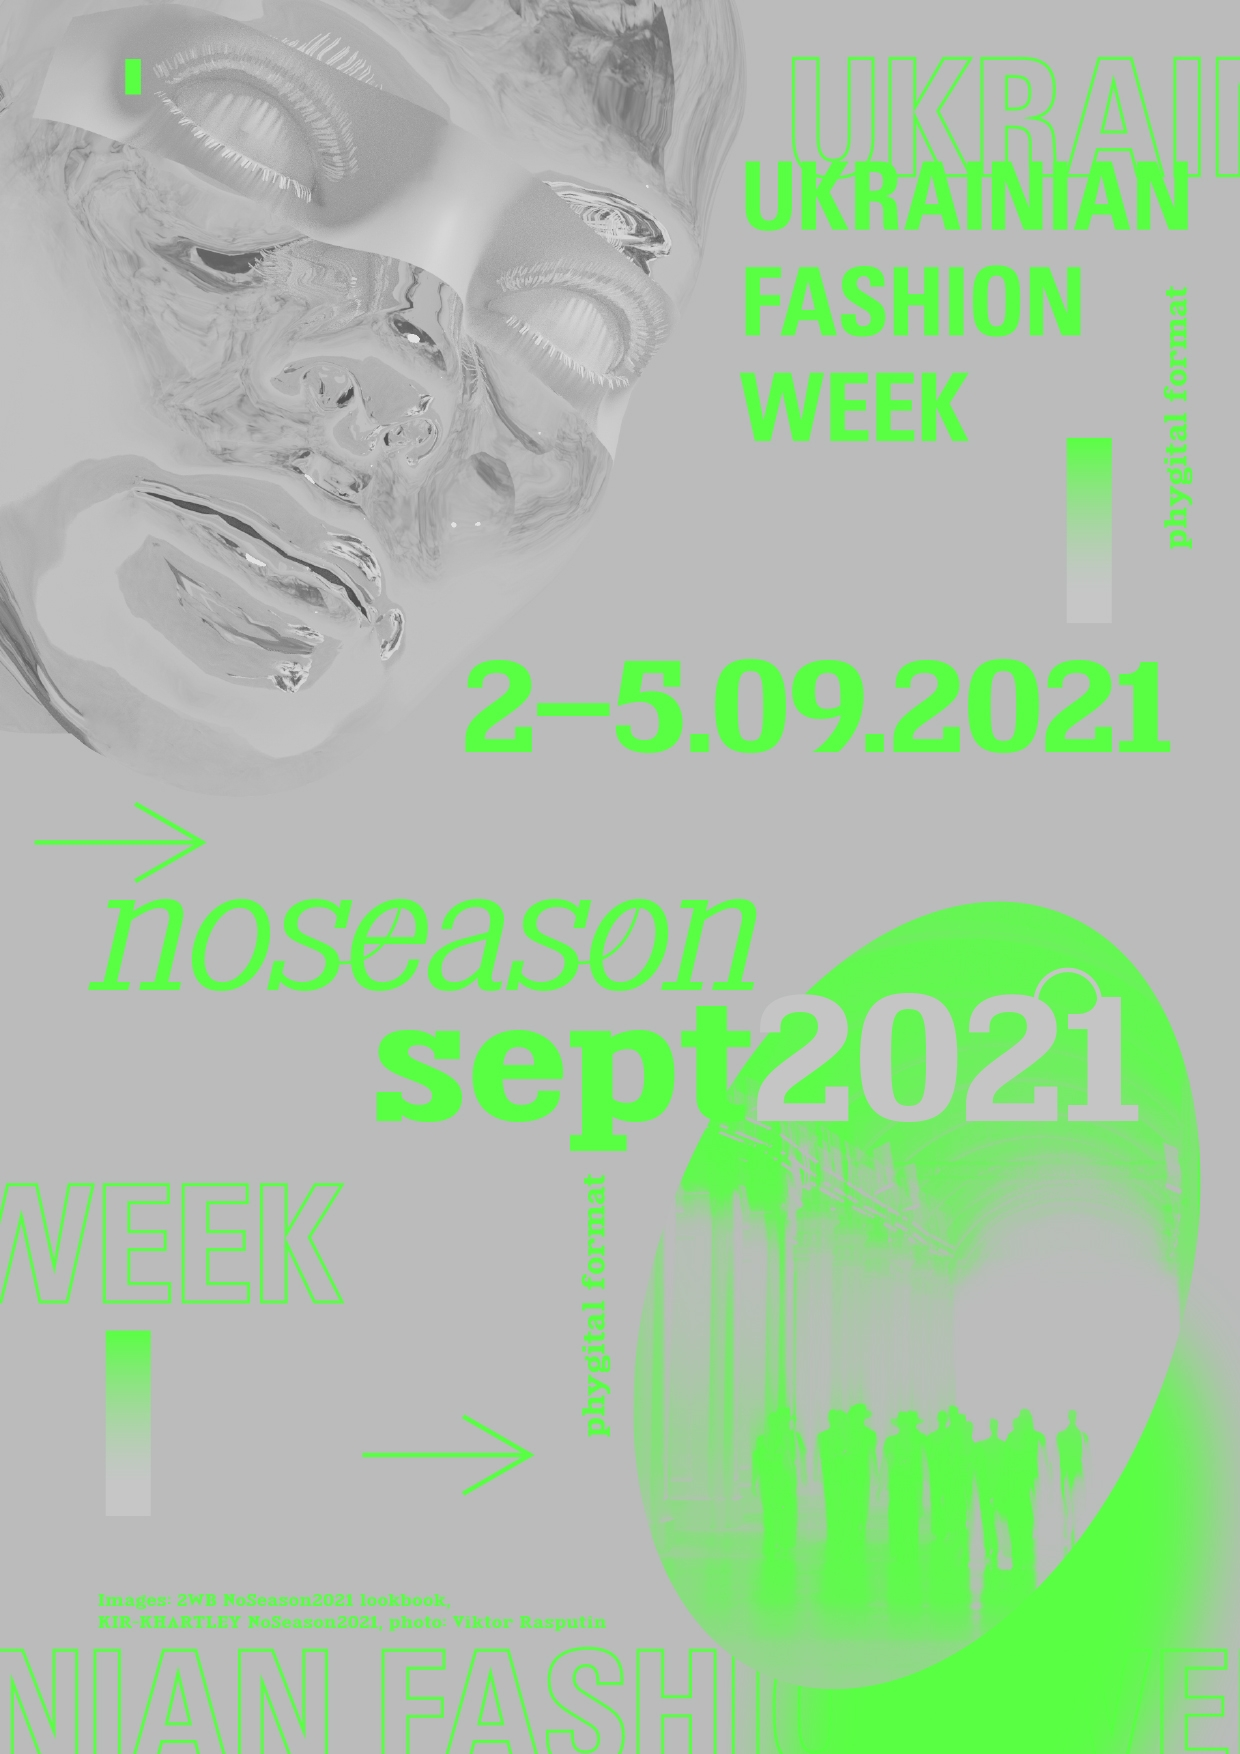 Нельзя пропустить: Ukrainian Fashion Week объявили даты и формат нового сезона - фото №1